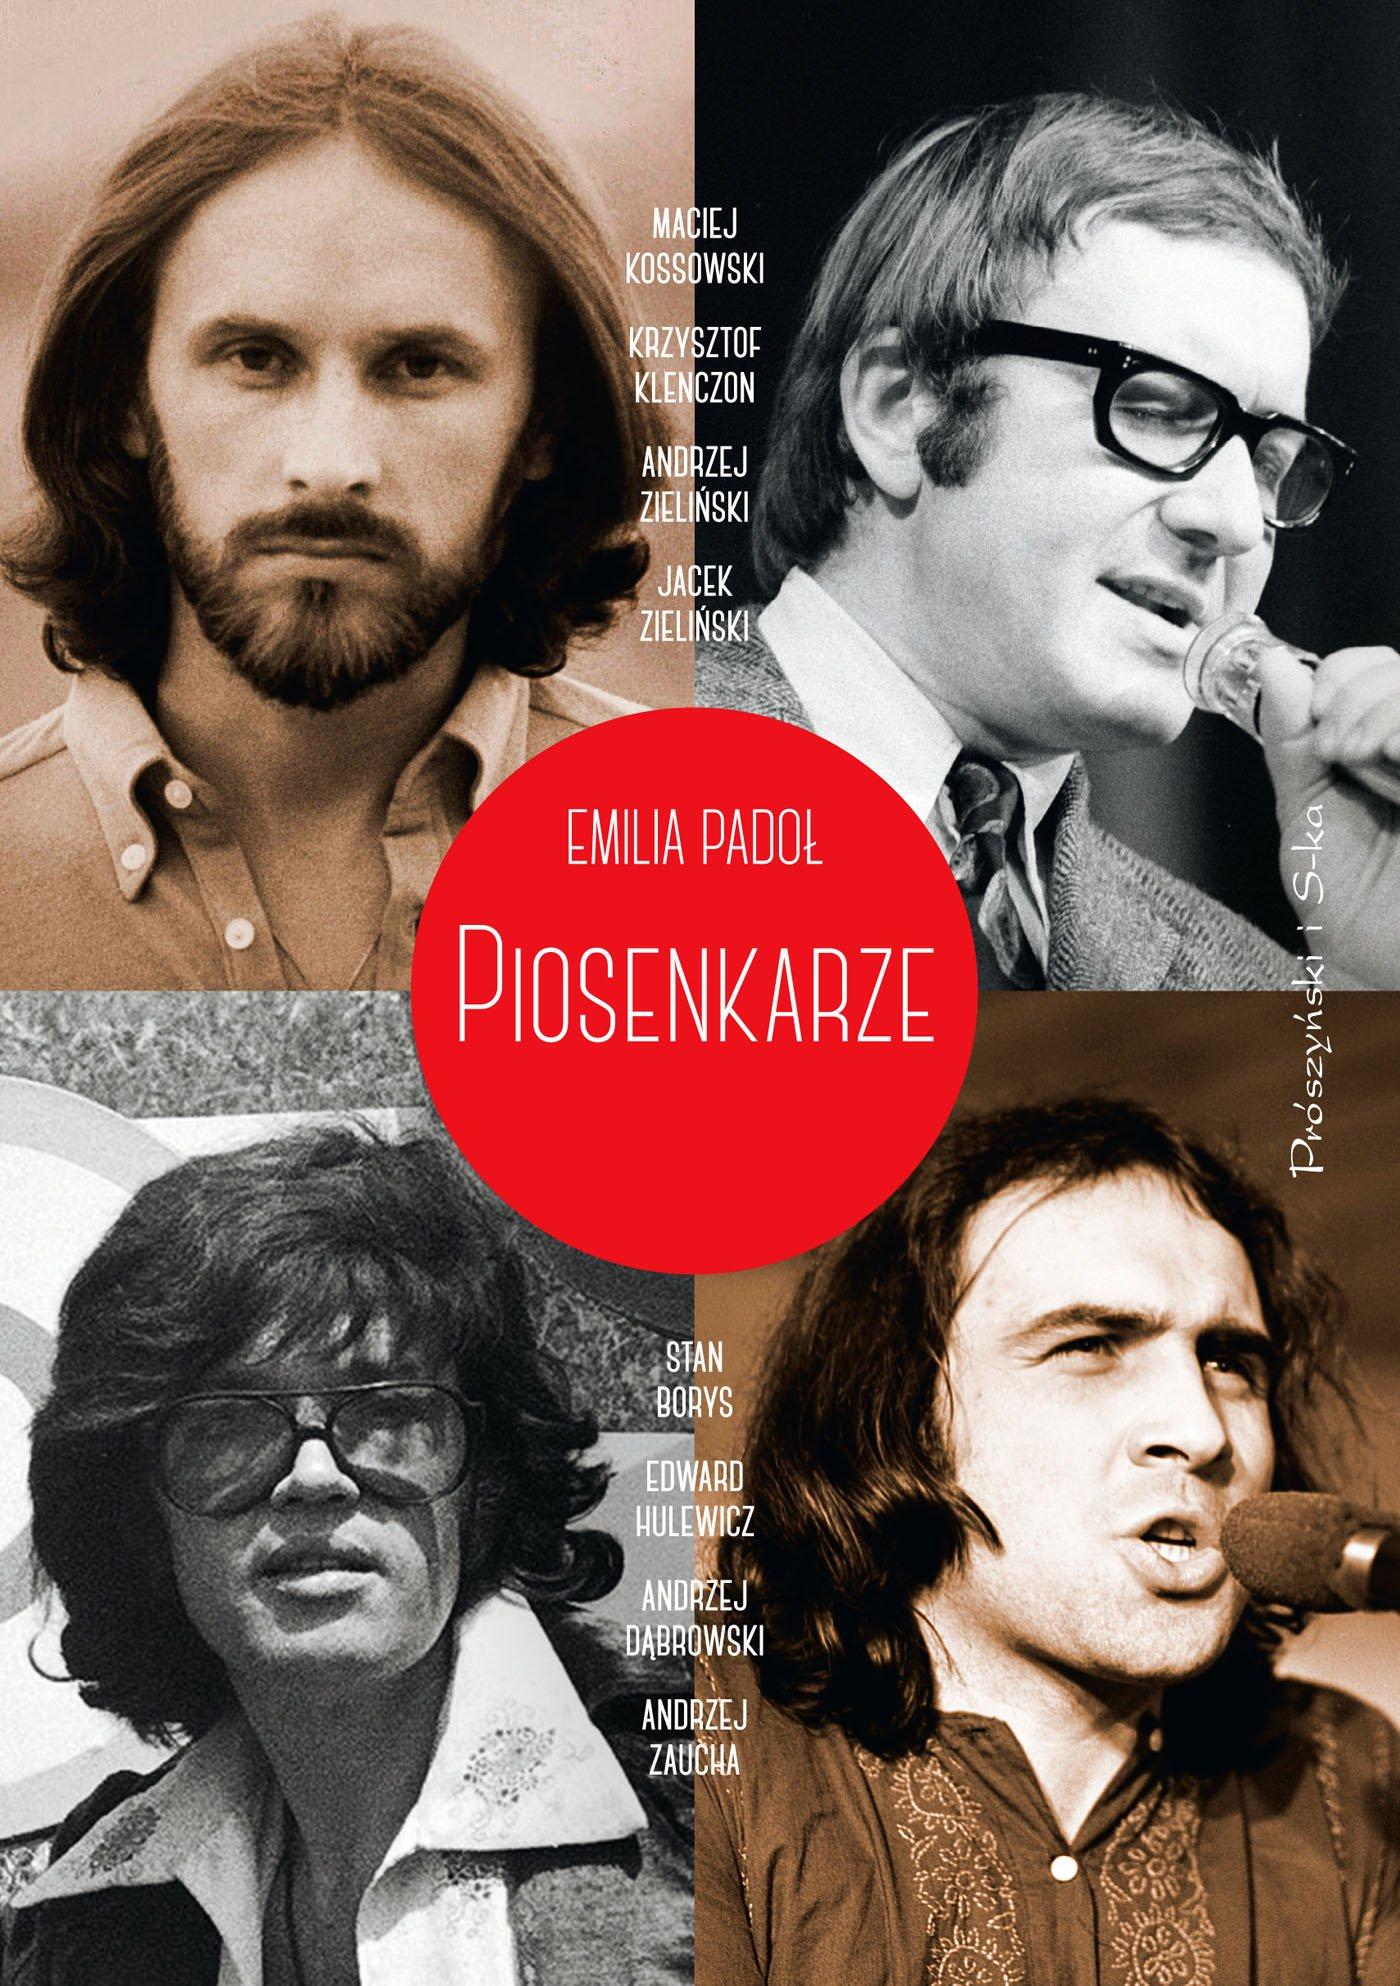 Piosenkarze - Ebook (Książka na Kindle) do pobrania w formacie MOBI